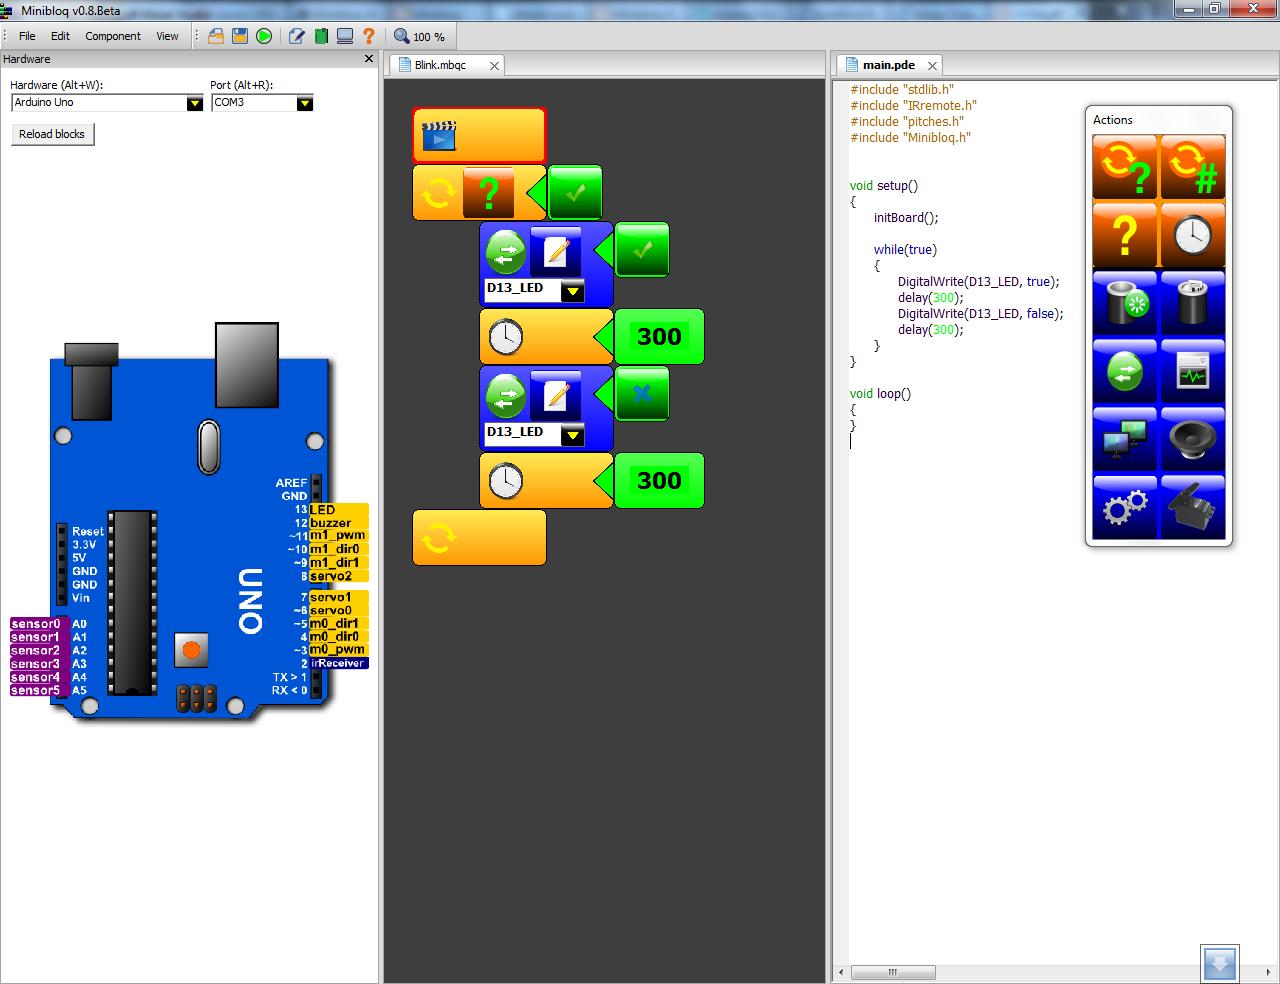 Minibloq beta disponible para descargar mexchip